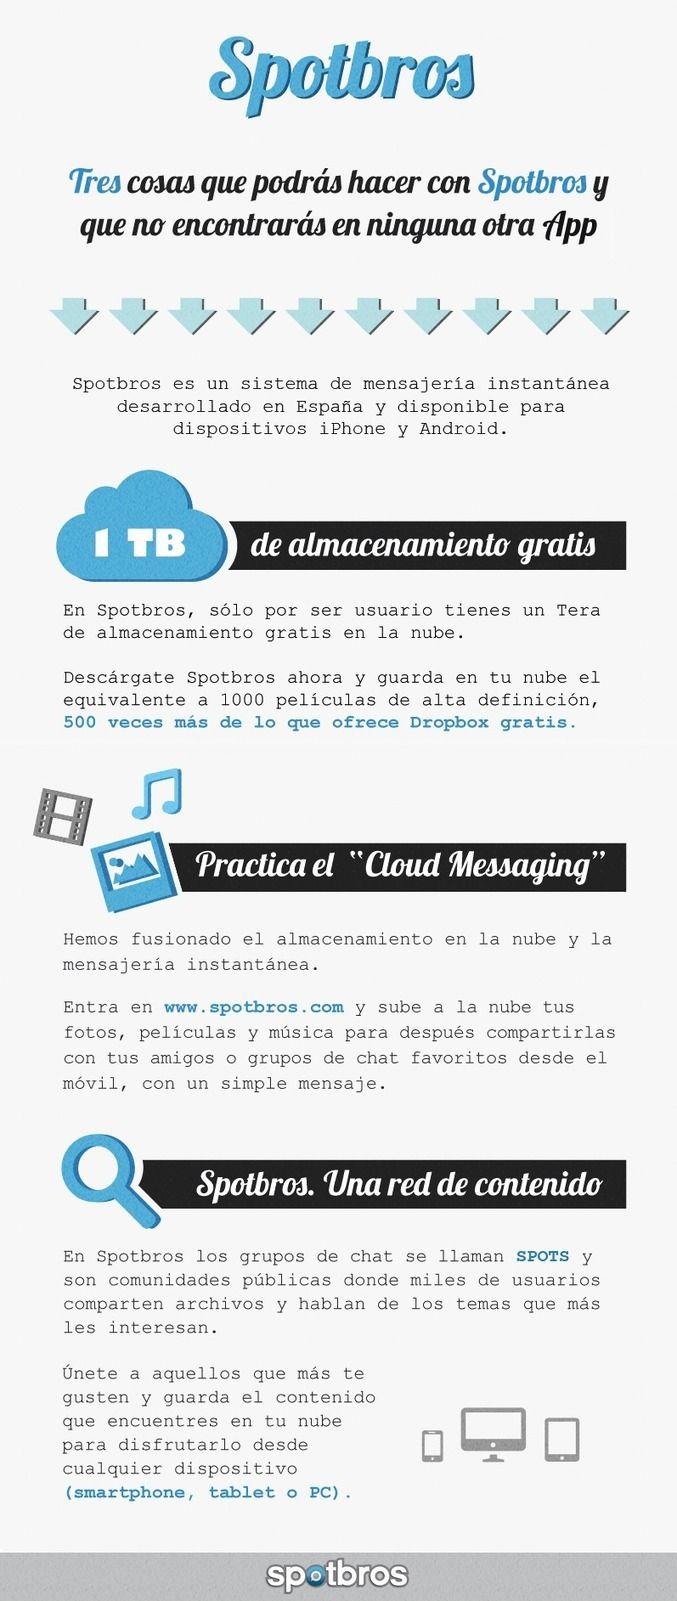 Nuevo SpotBros, una mezcla entre Dropbox y Whatsapp, con 1 tera gratis